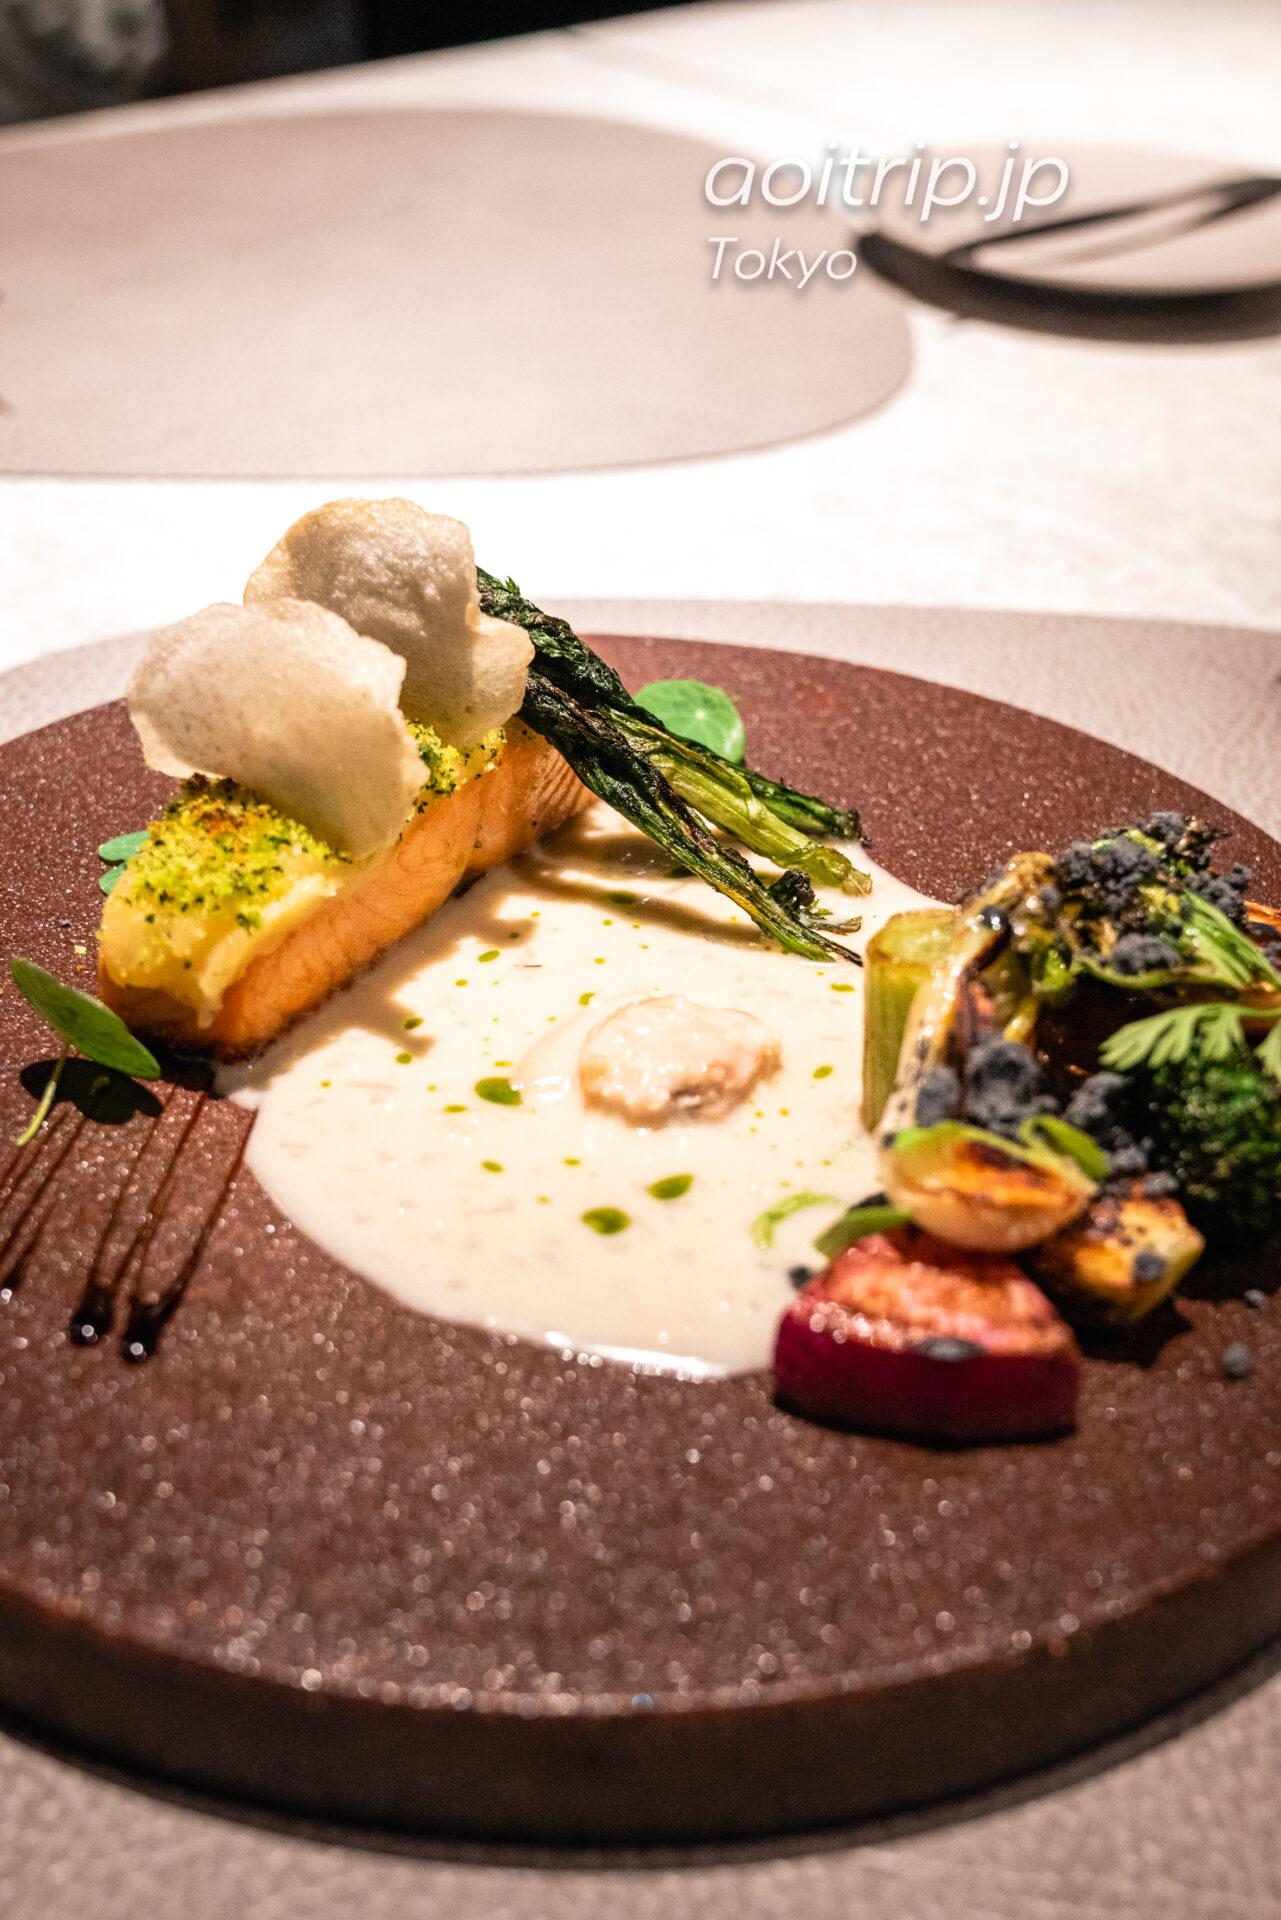 レストラン AC Kitchen ノルウェーサーモンと二年熟成ジャガイモのペルシヤード春菊風味 蛤のバターソースで